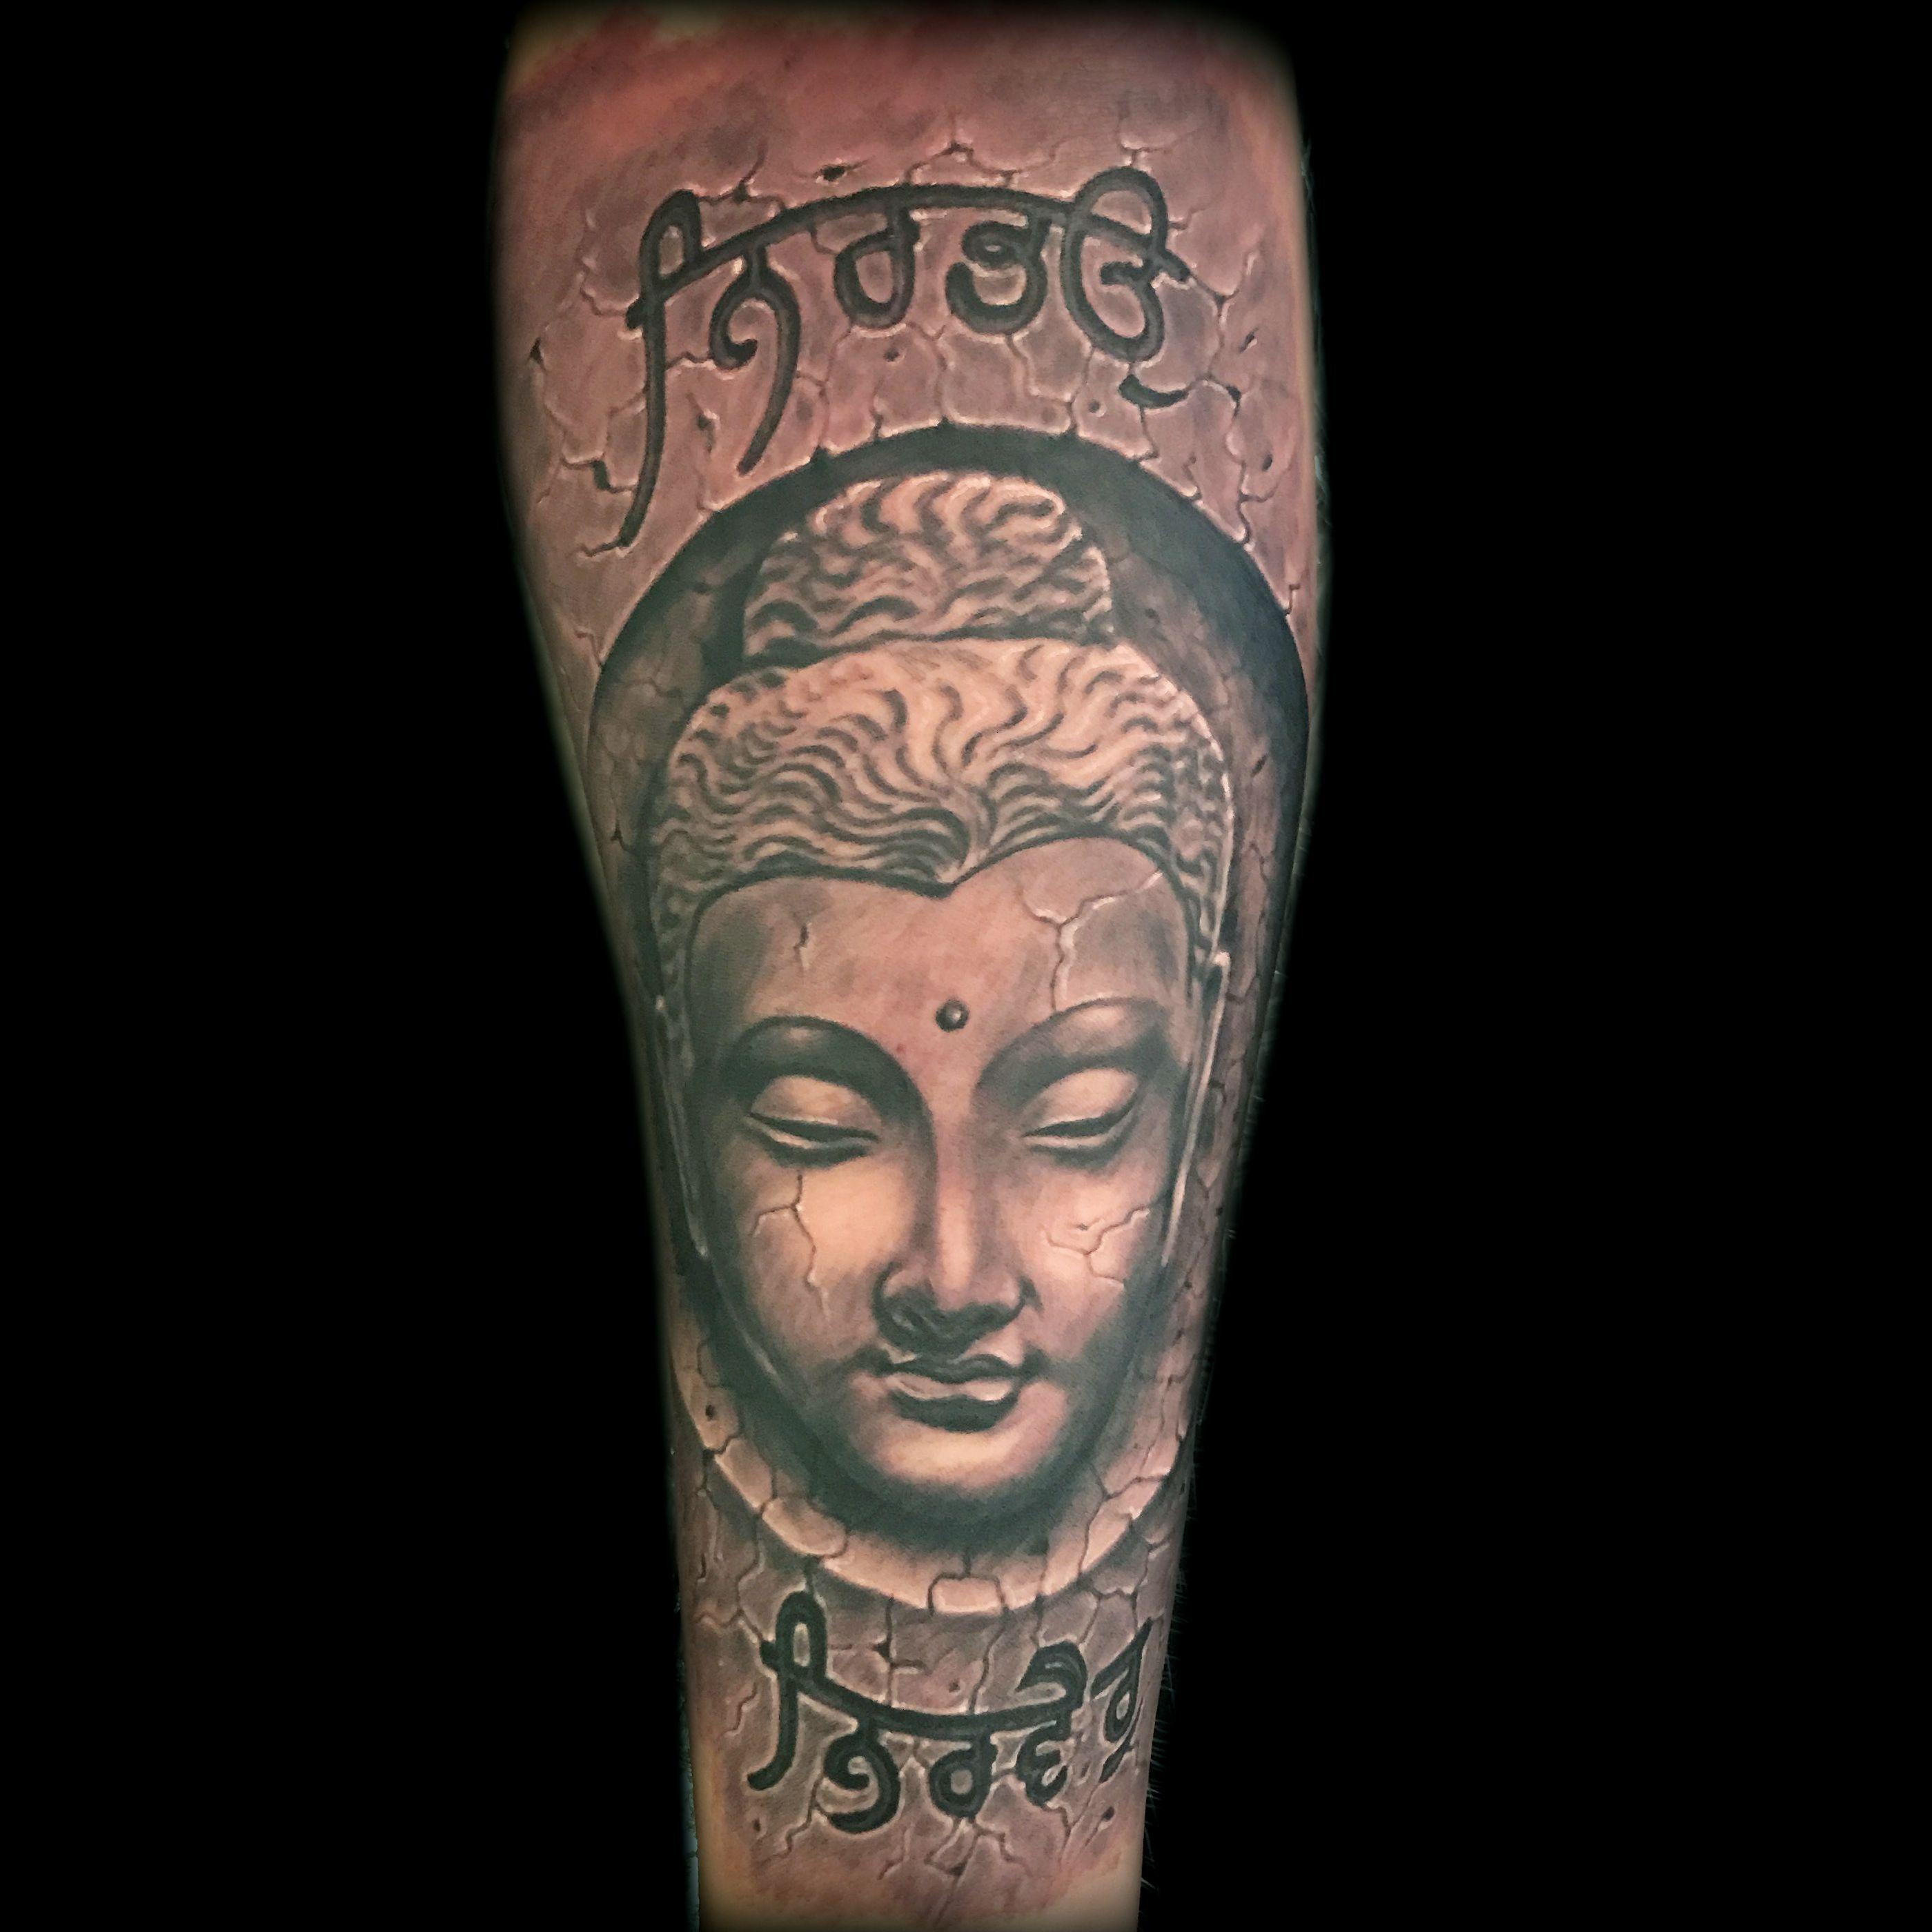 79680db4f Buddha tattoo, 3d tattoo, 3d stone tattoo, realistic tattoo, meditation  tattoo, realistic buddha tattoo, 3d buddha tattoo, san francisco tattoo  parlor